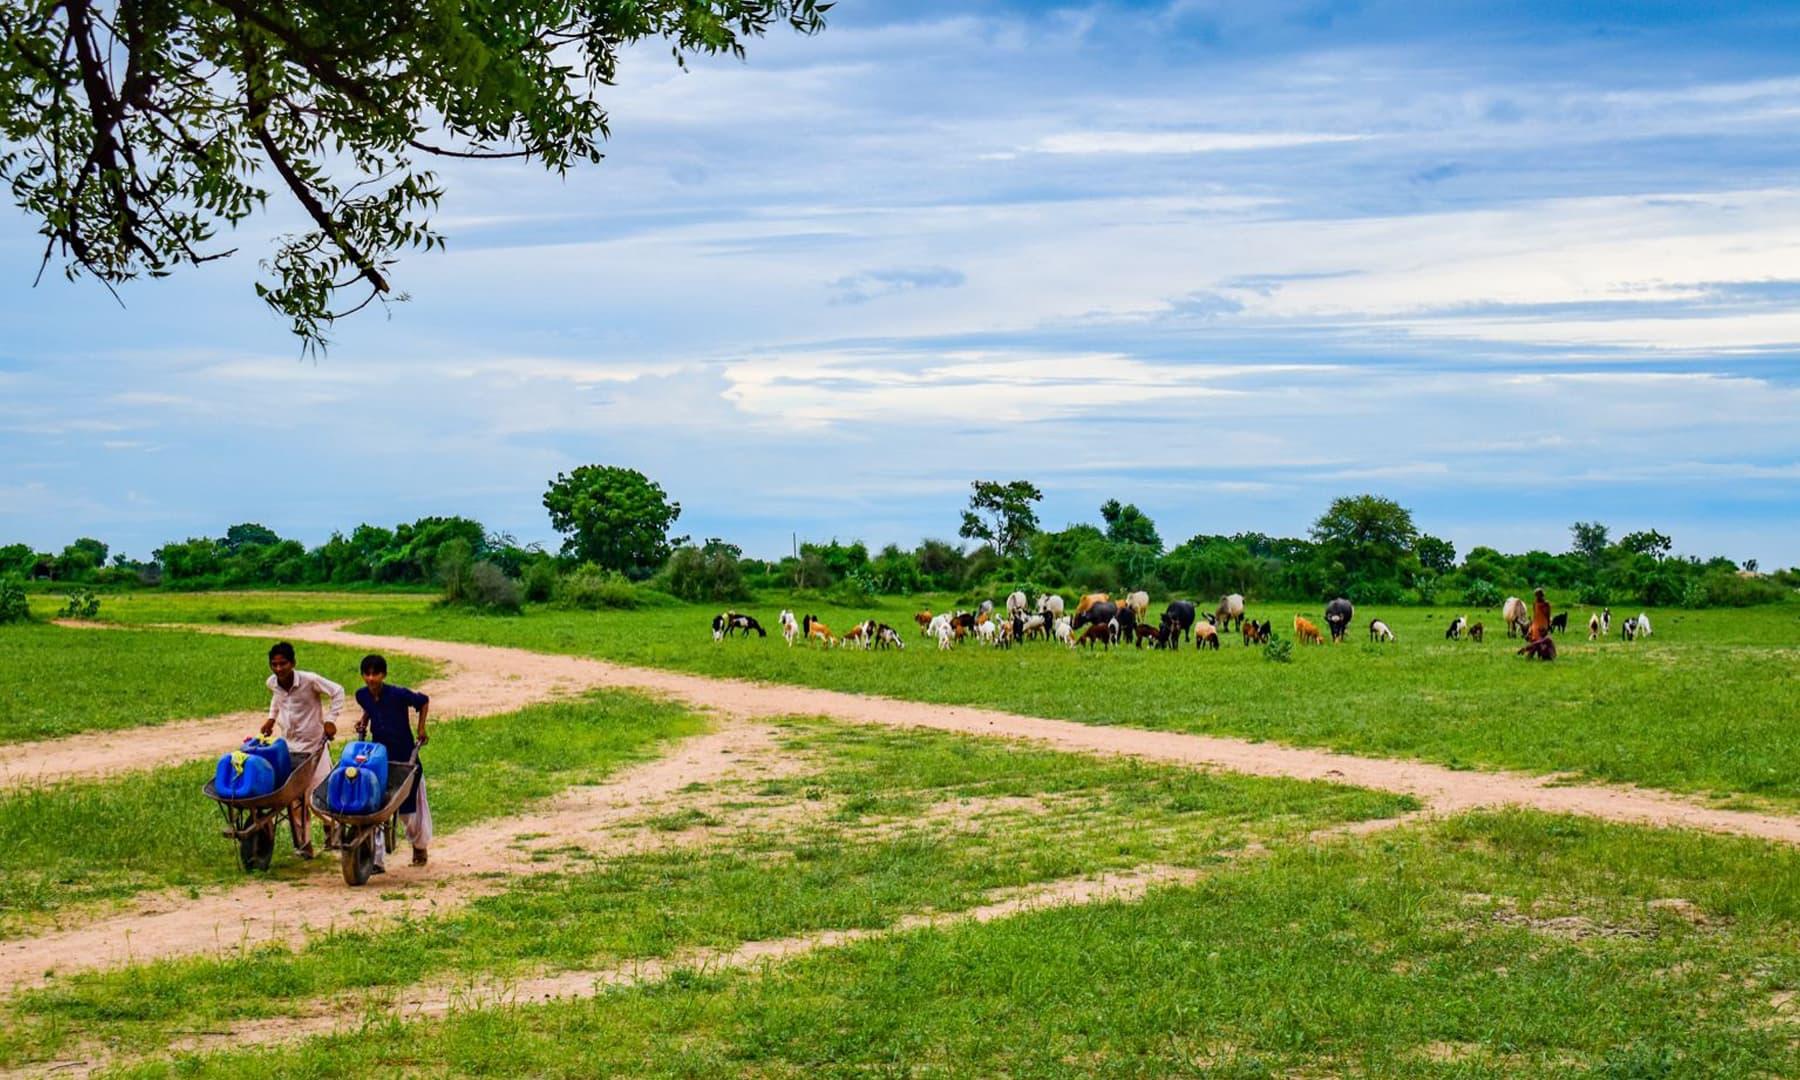 مویشیوں کے لیے جہاں شہری پریشان تھے اب چارے کی پریشان ختم ہوگئی ہے---فوٹو:امتیاز دھارانی